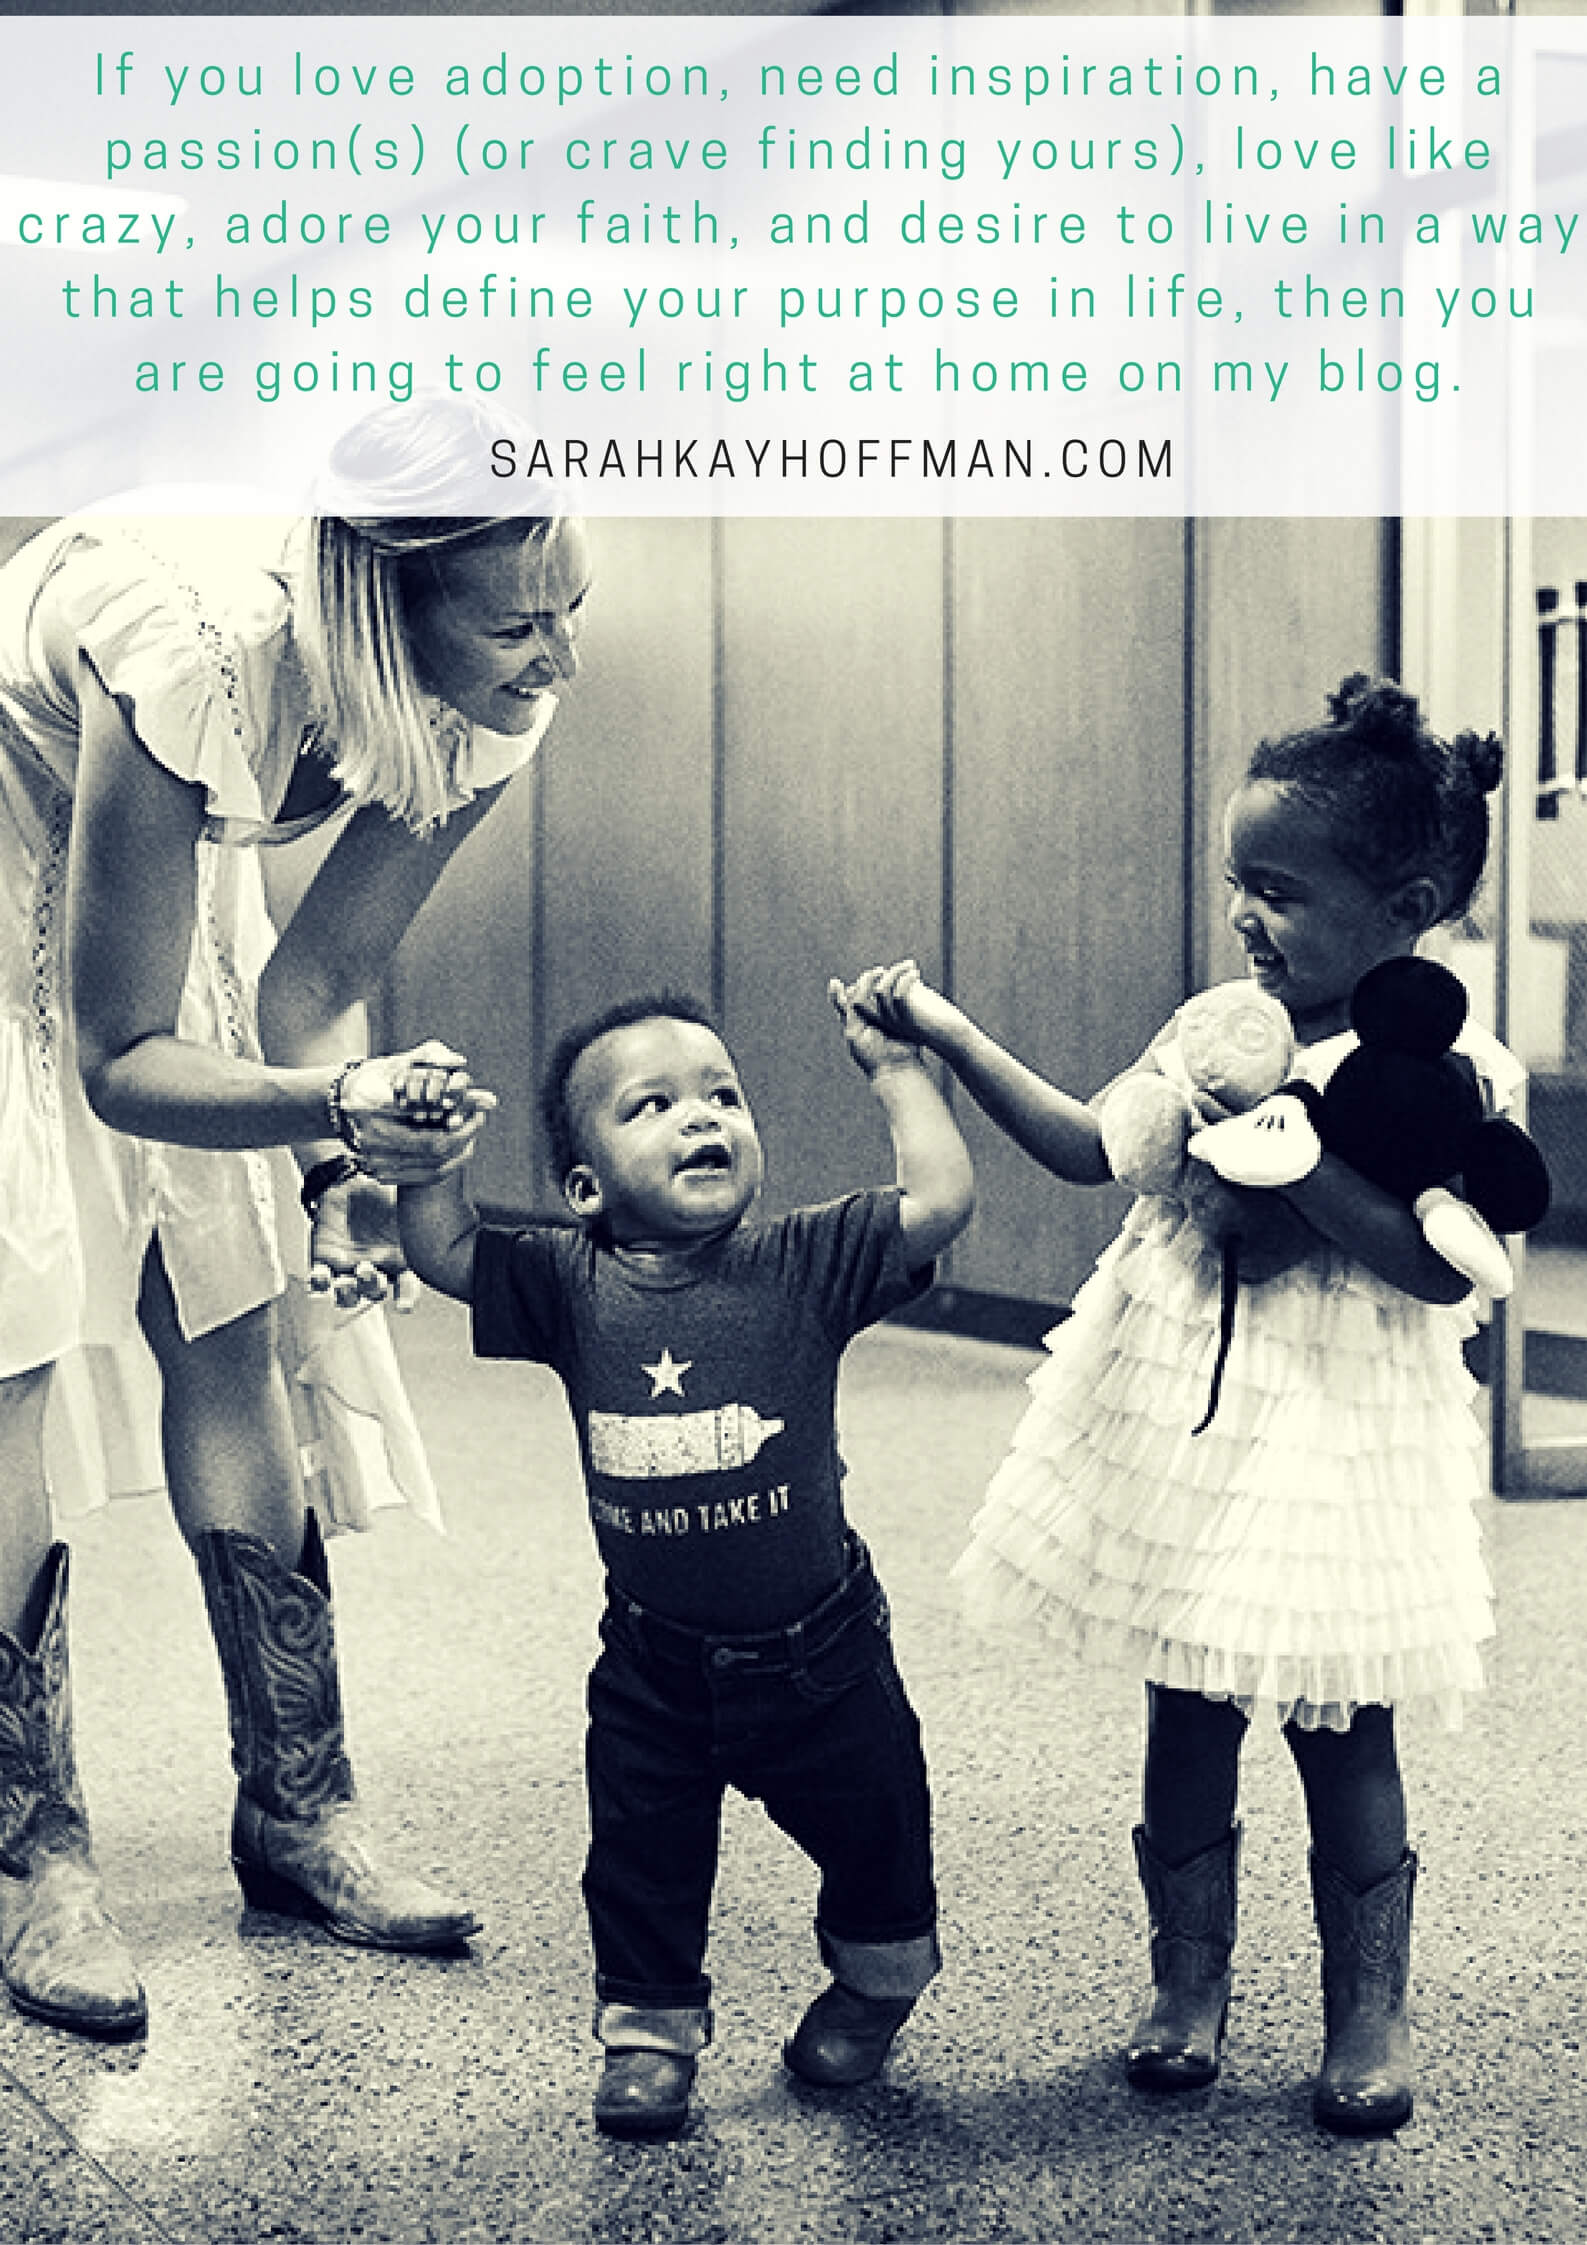 About sarahkayhoffman.com